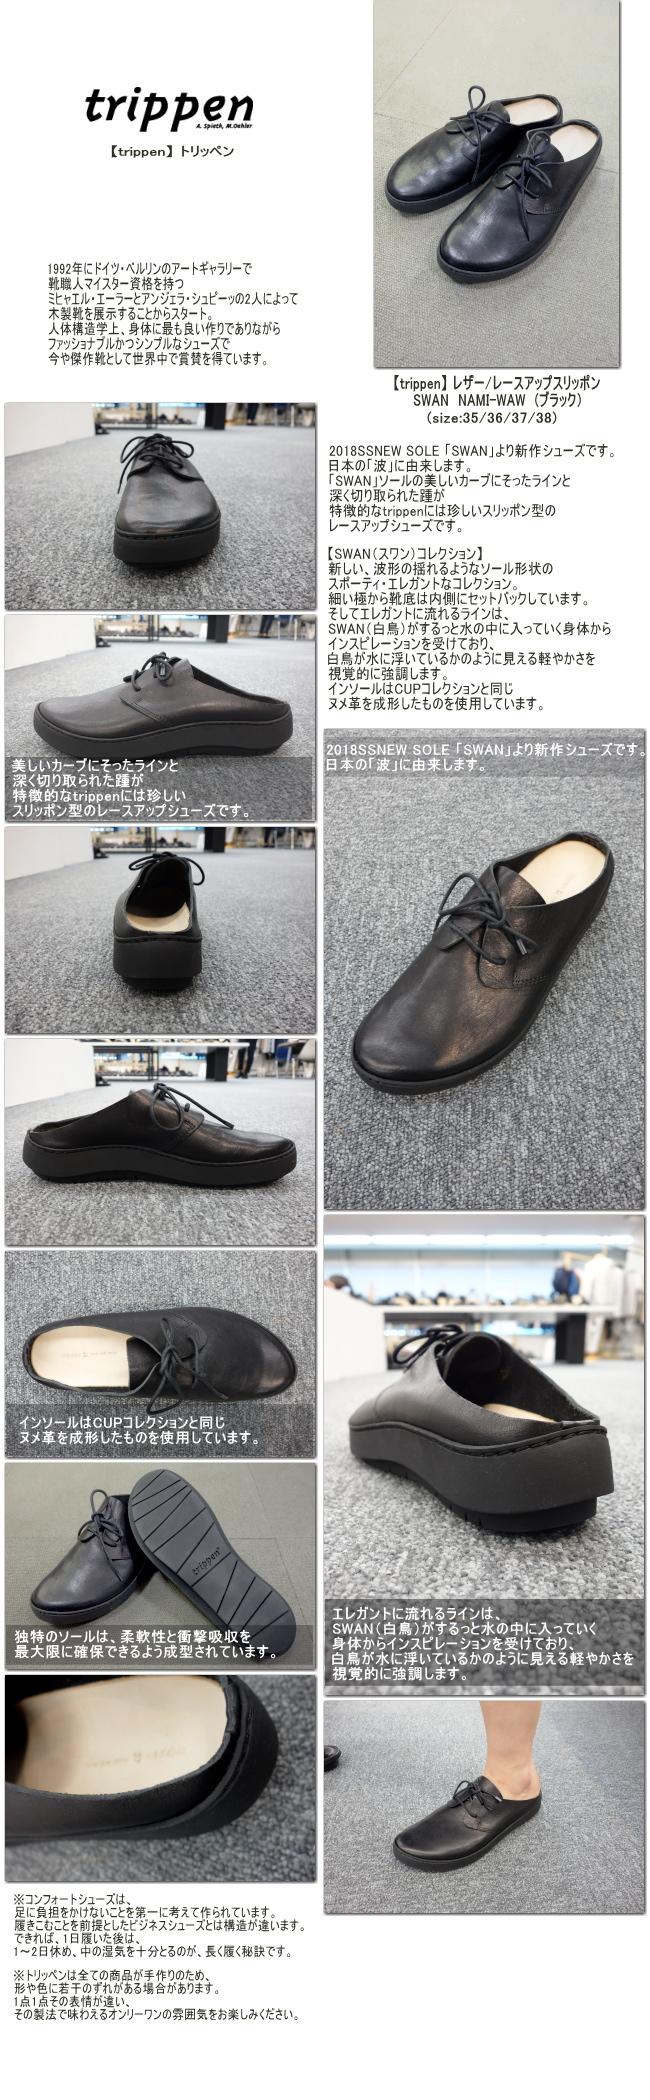 【trippen】レザー/レースアップスリッポン NAMI-WAW (ブラック)